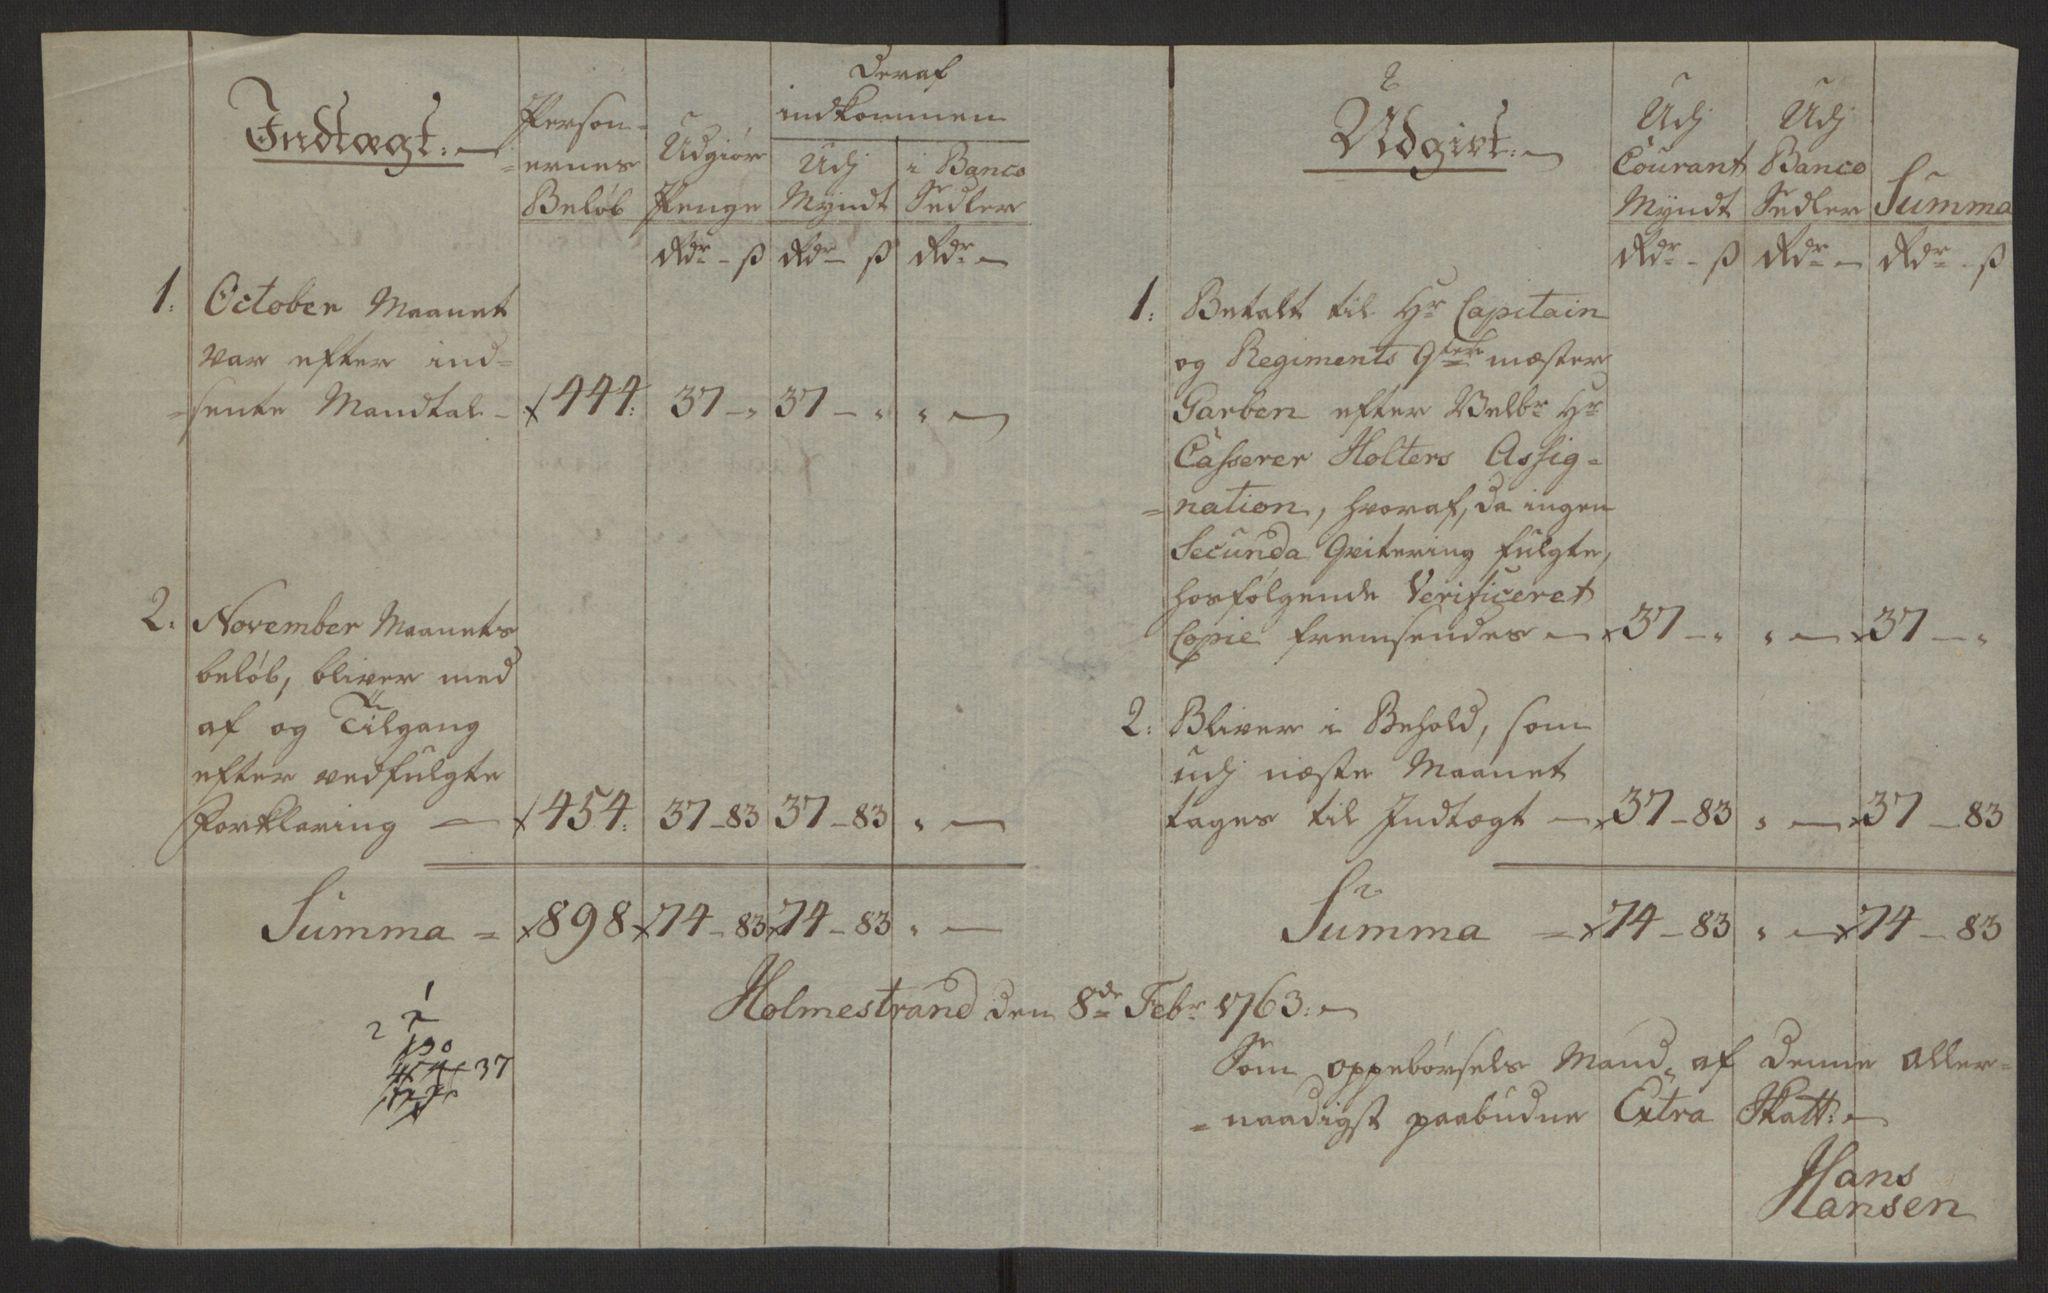 RA, Rentekammeret inntil 1814, Reviderte regnskaper, Byregnskaper, R/Rh/L0163: [H4] Kontribusjonsregnskap, 1762-1772, s. 19